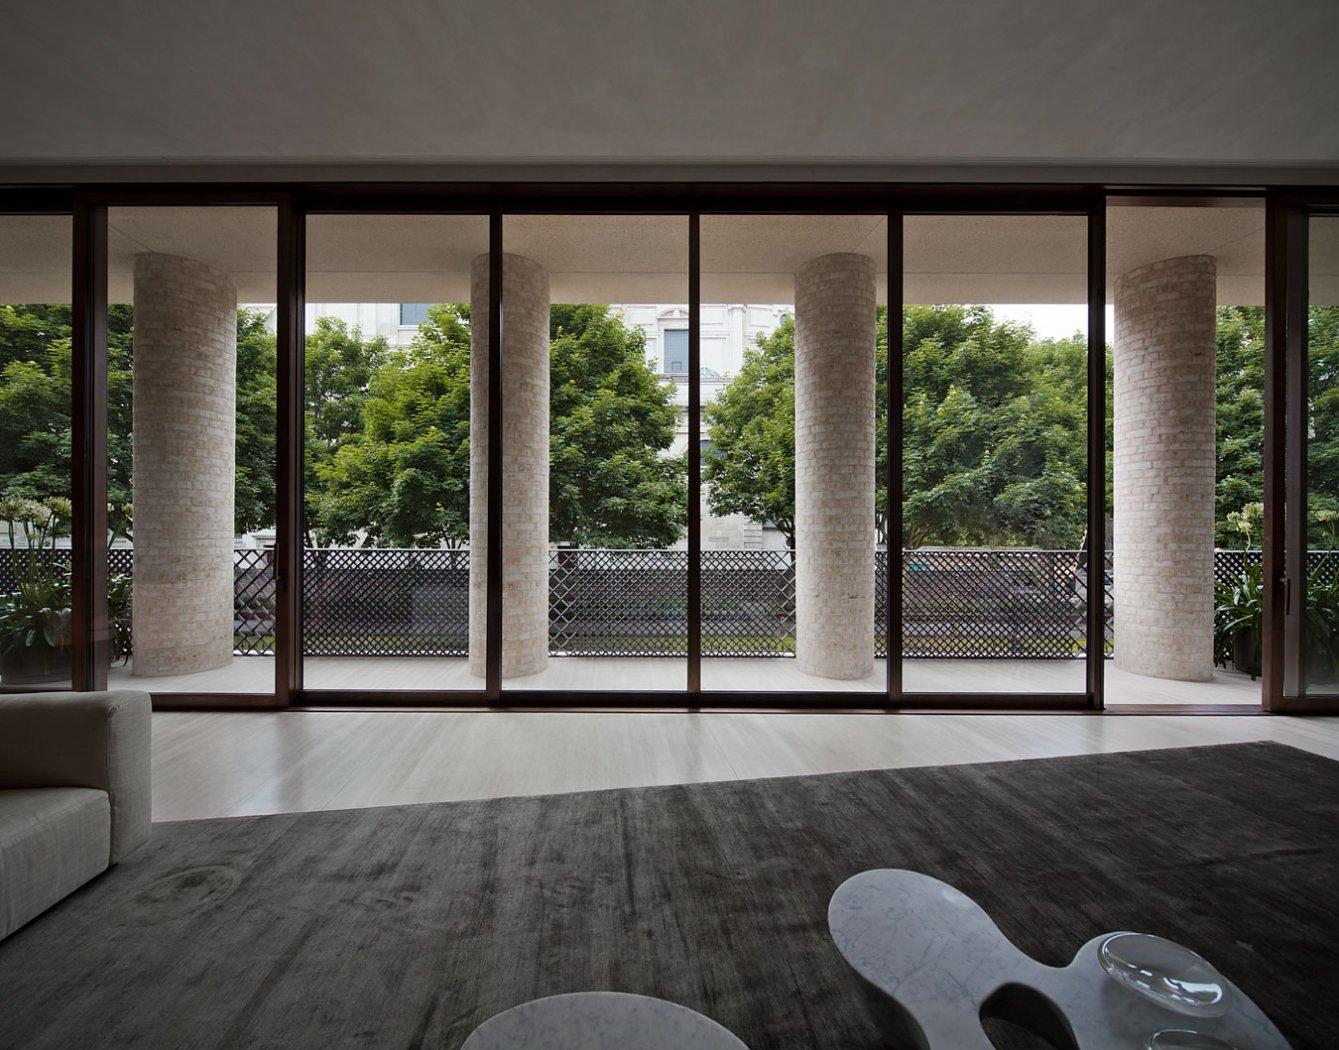 Travertino quercia e cemento nel progetto di david for Piani di casa con due master suite al primo piano